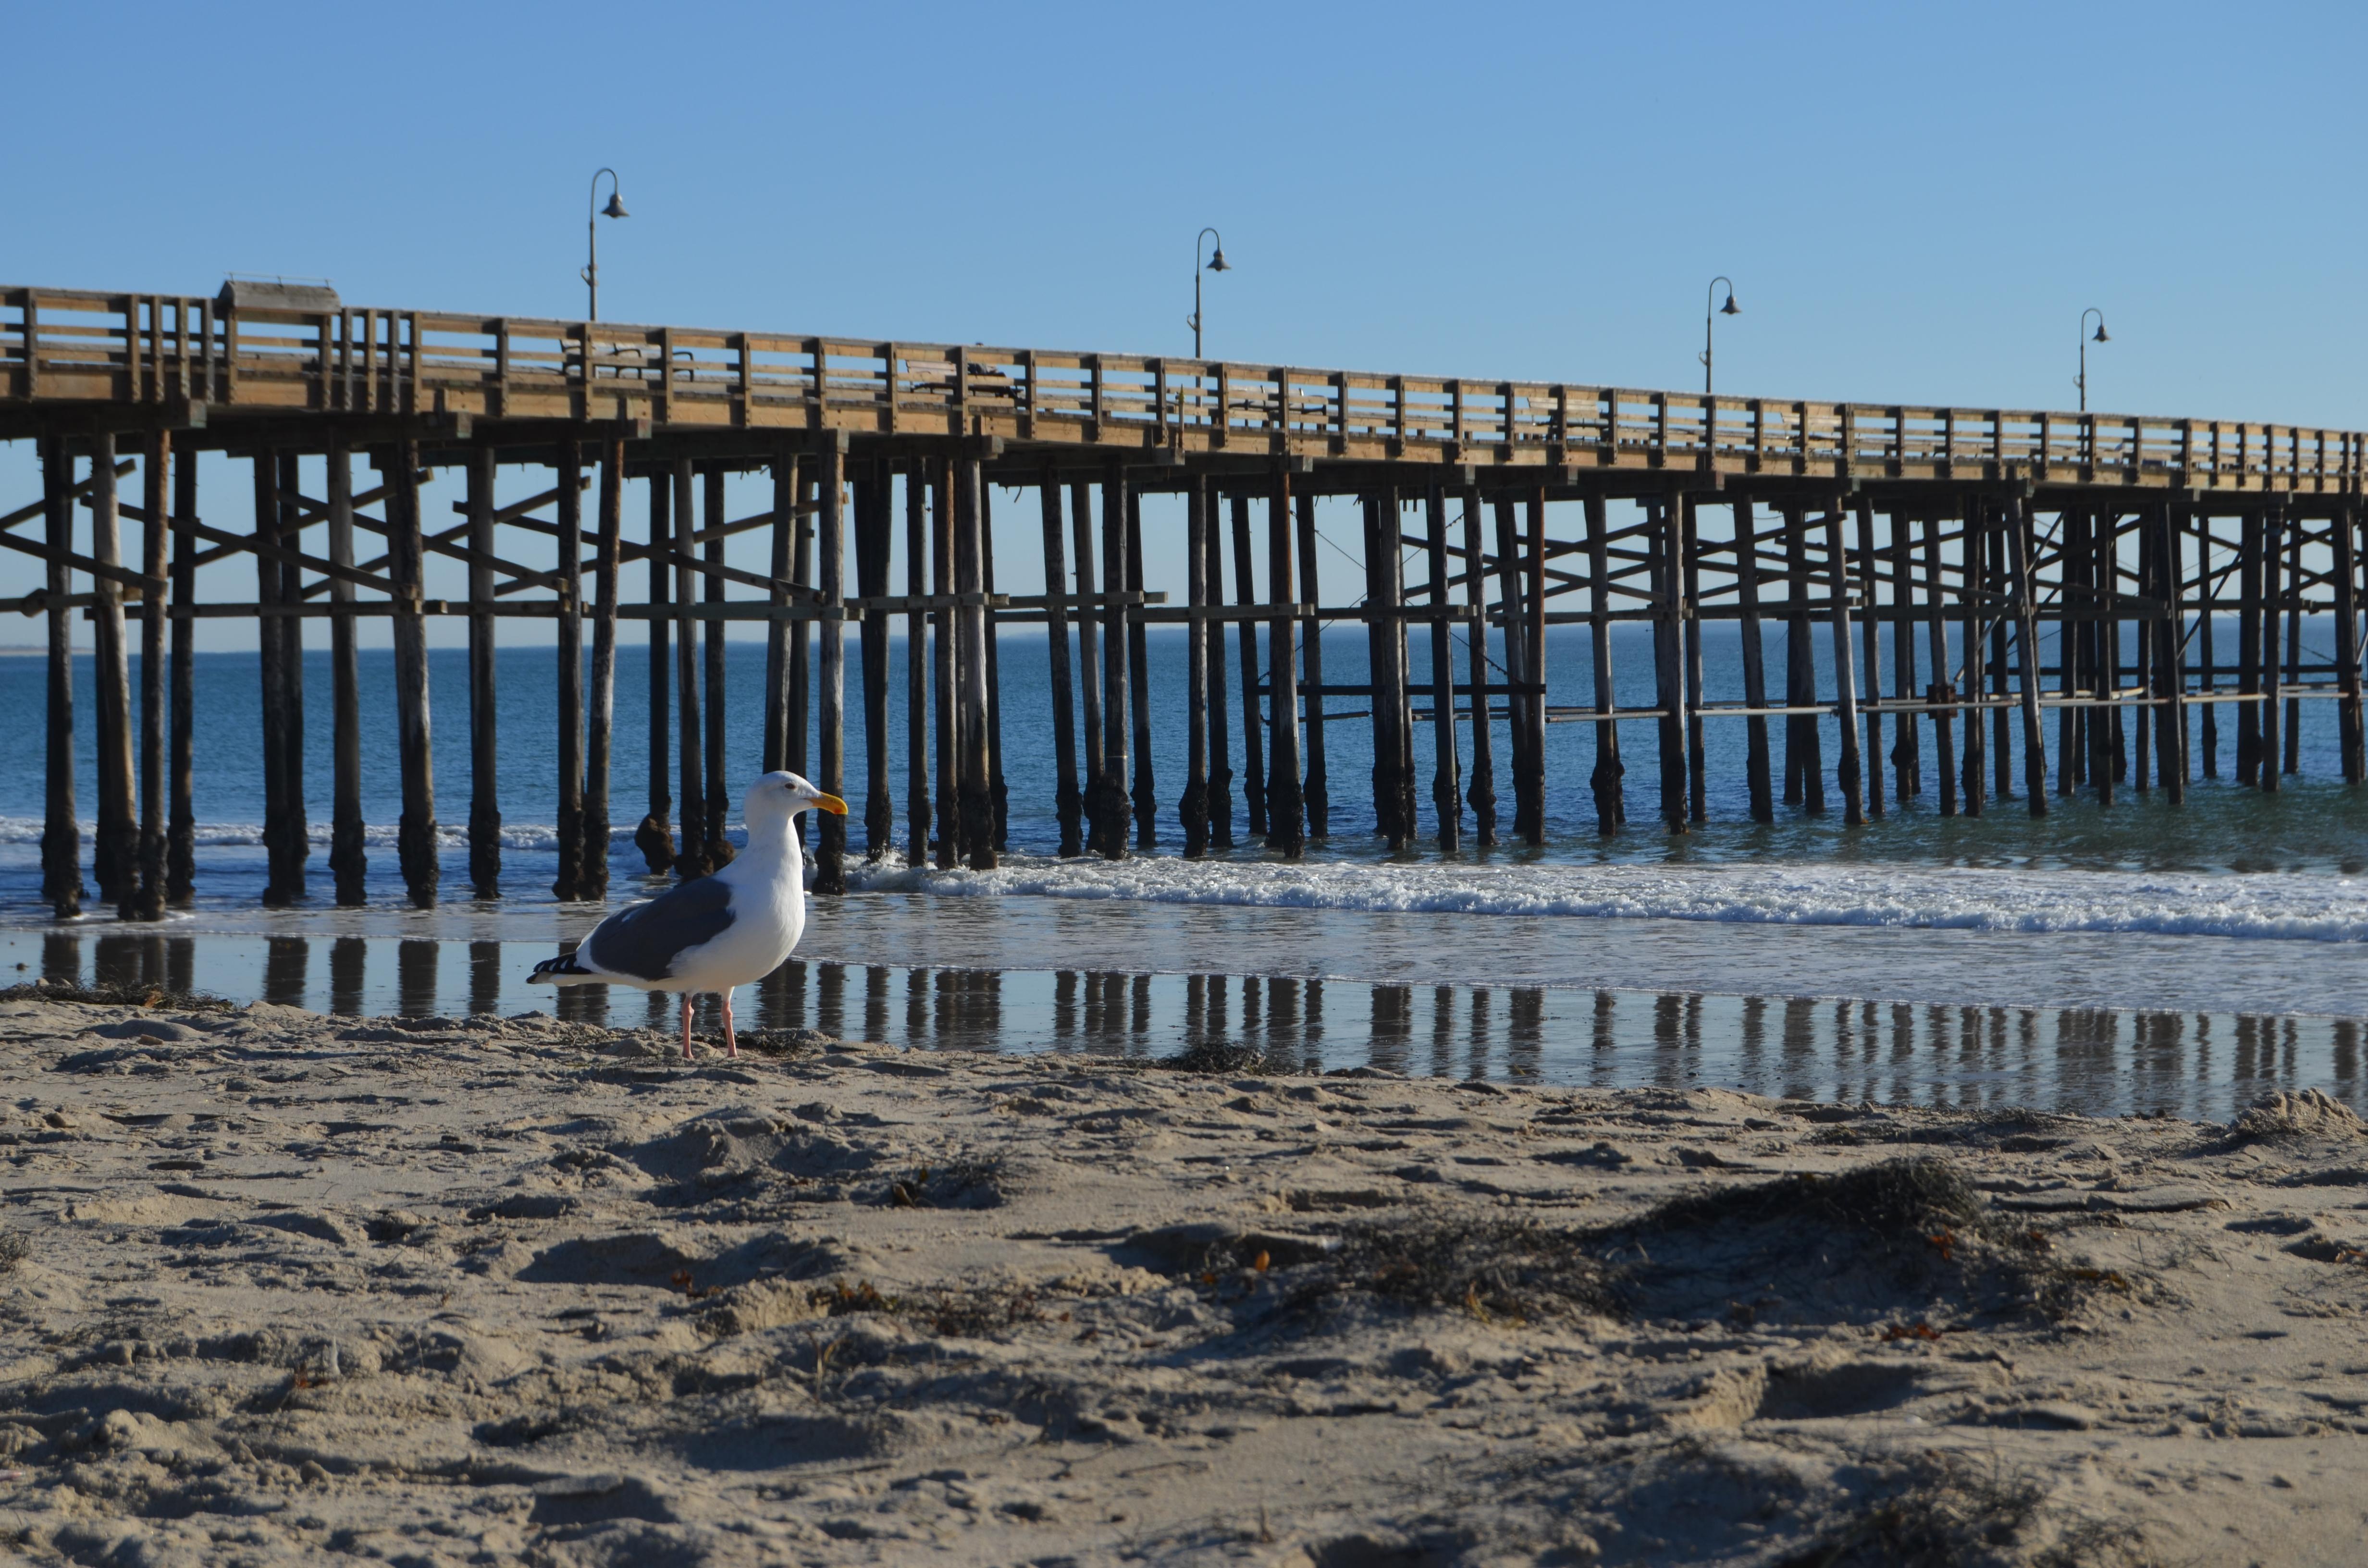 Gull at Ventura Pier